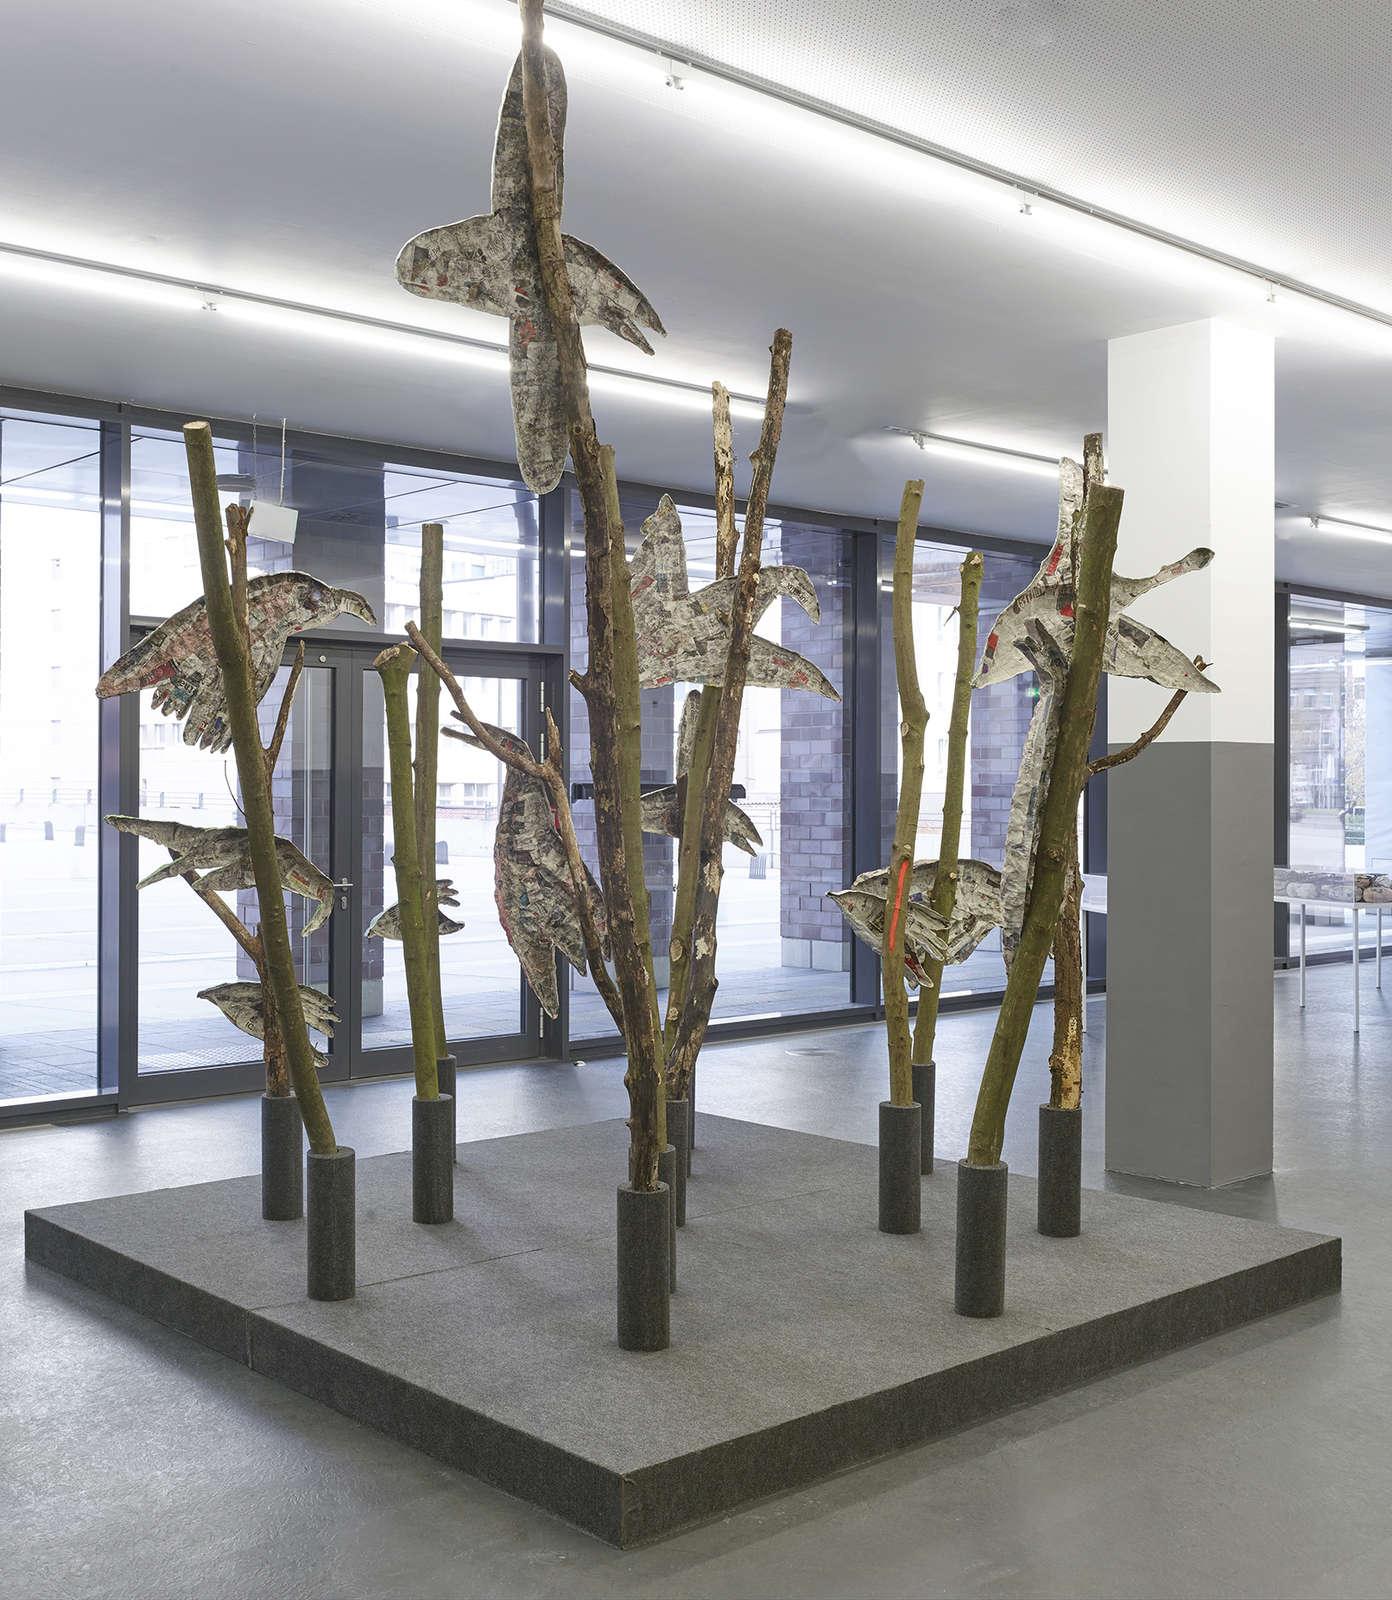 12_Shelly Nadashi NESTING BOX, Installation View_Dortmunder Kunstverein, Photo Simon Vogel